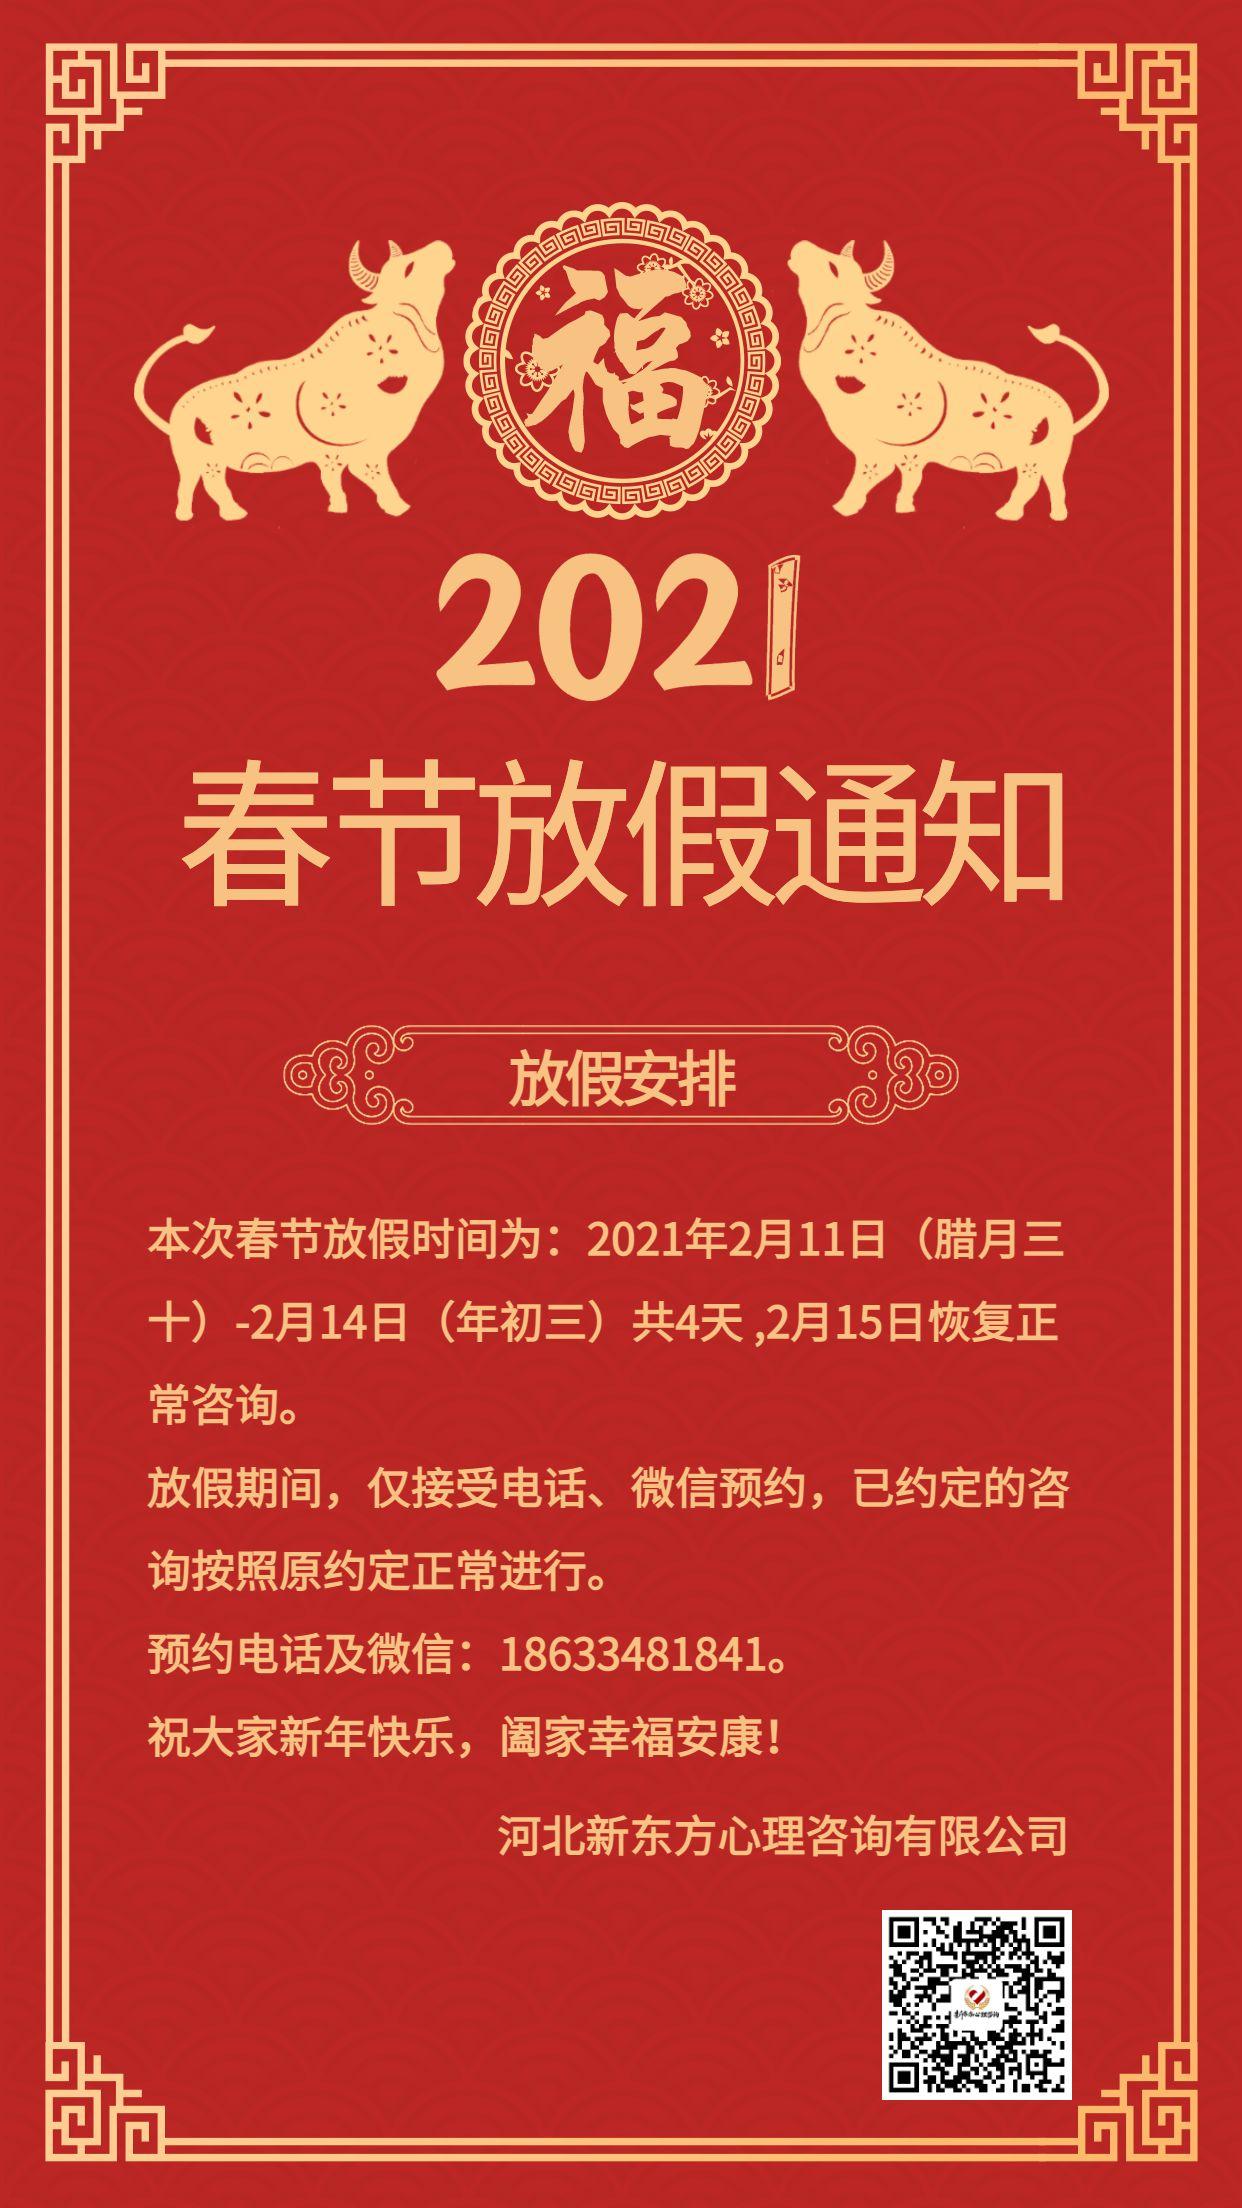 2021年新东方心理咨询春节放假安排